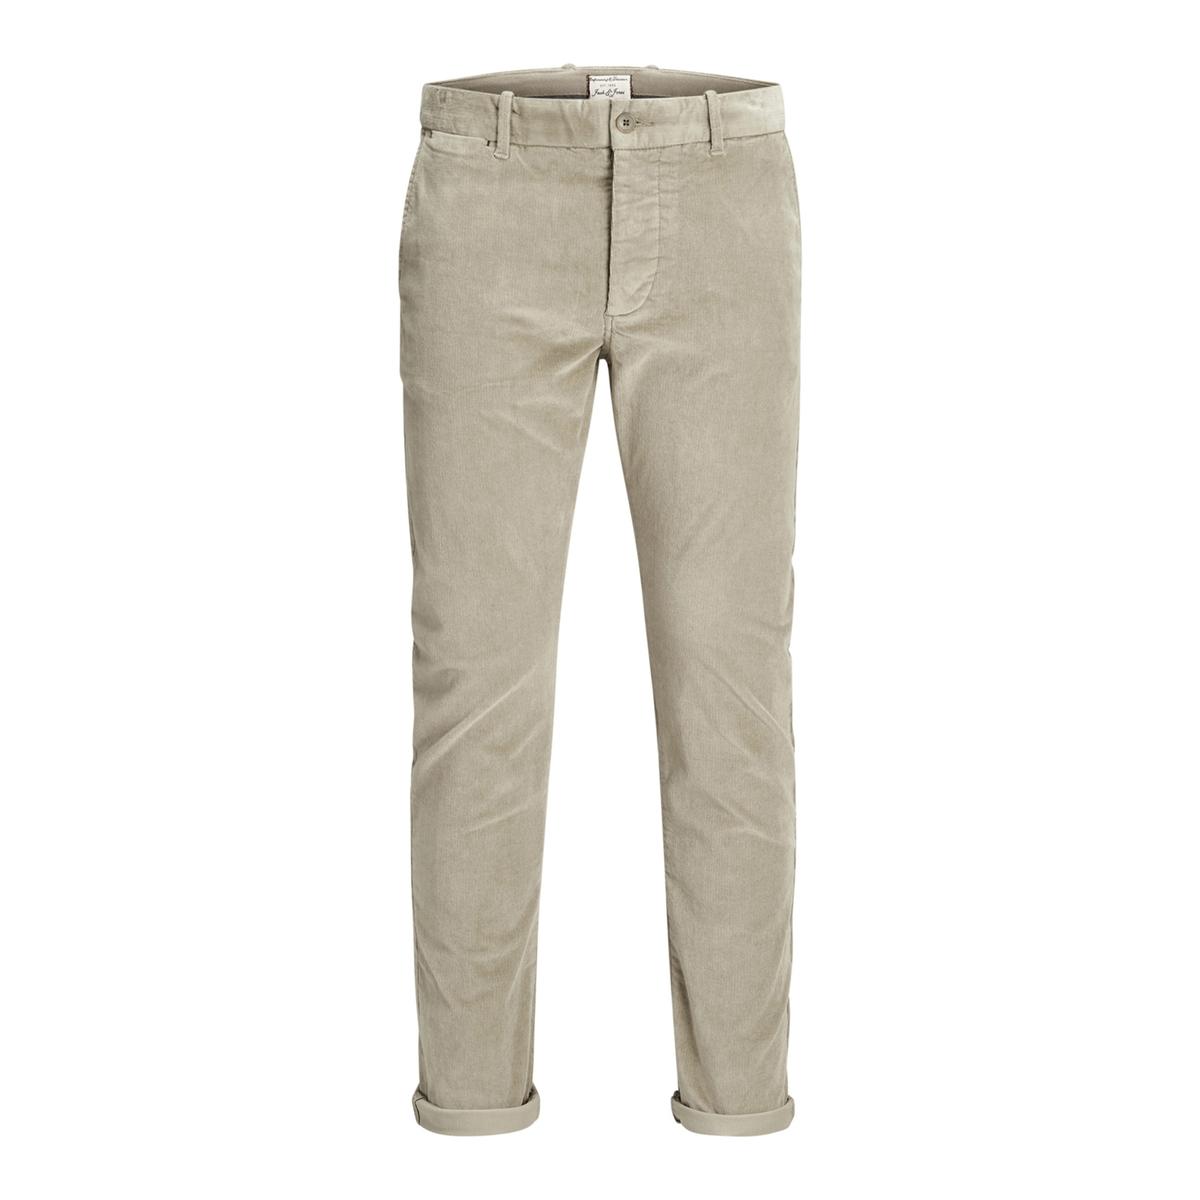 Брюки прямые из велюра брюки скинни из велюра